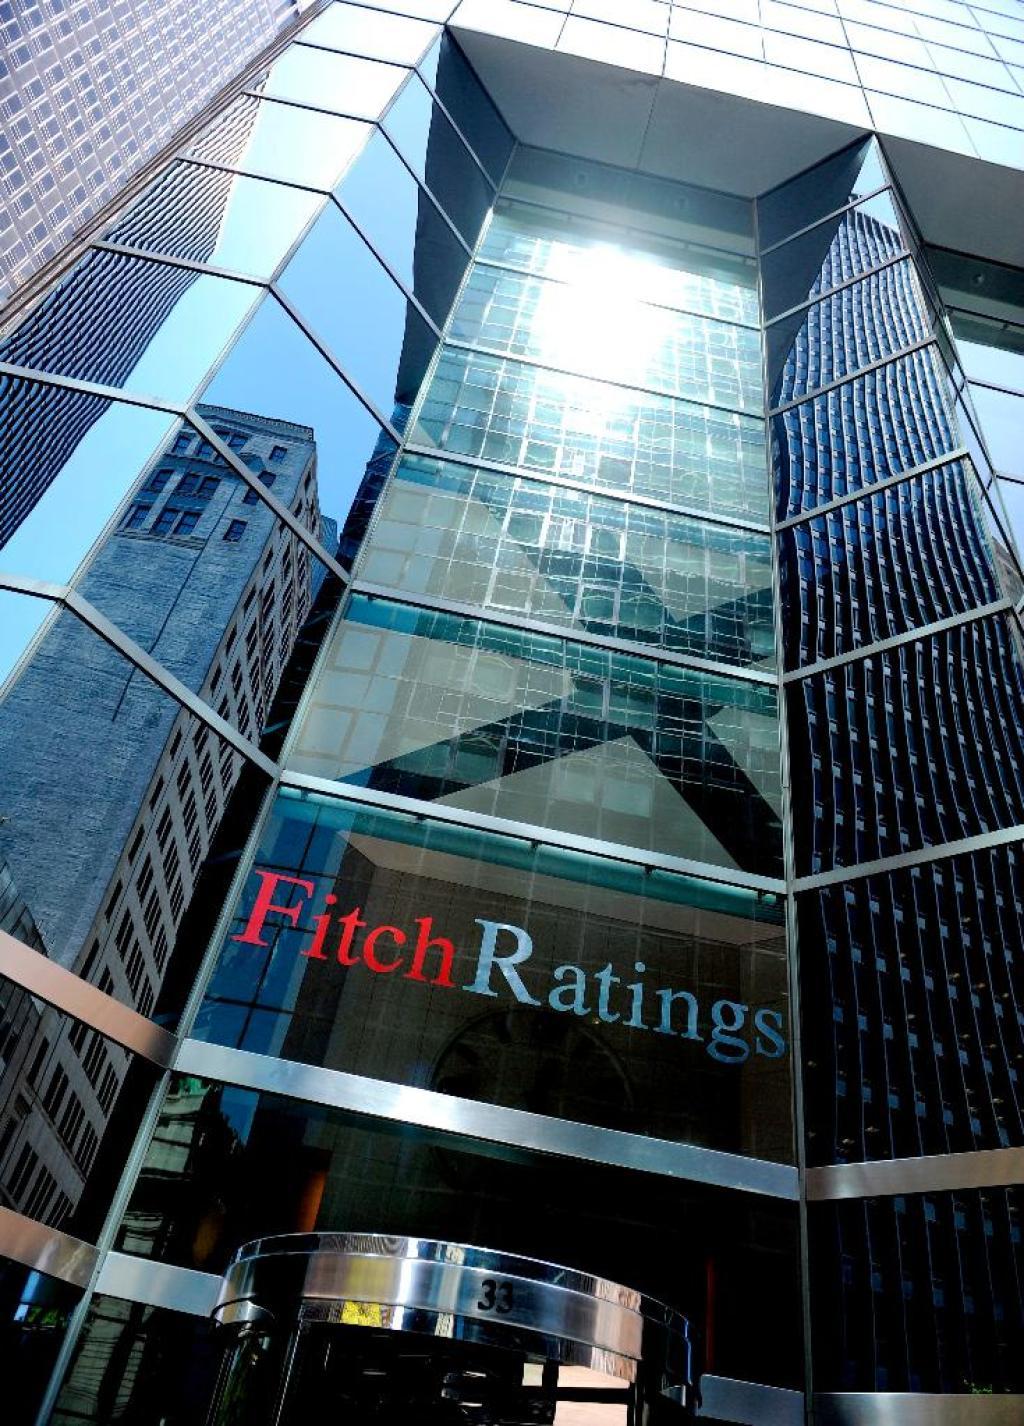 Per Fitch operazione salvataggio banche è troppo costosa